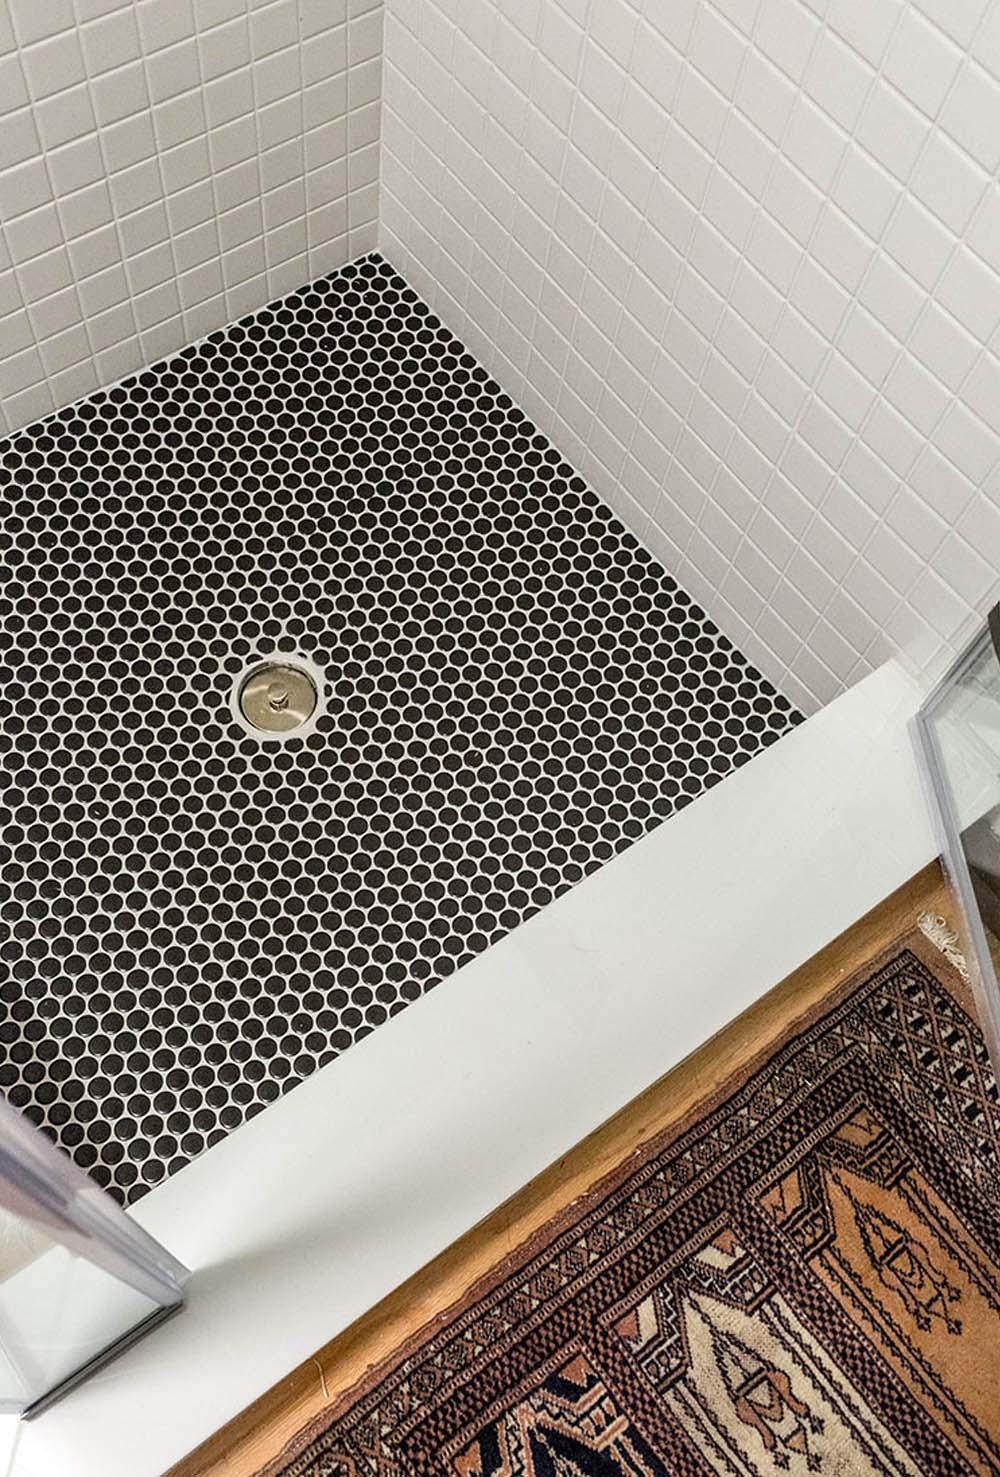 Black tiled shower floor.